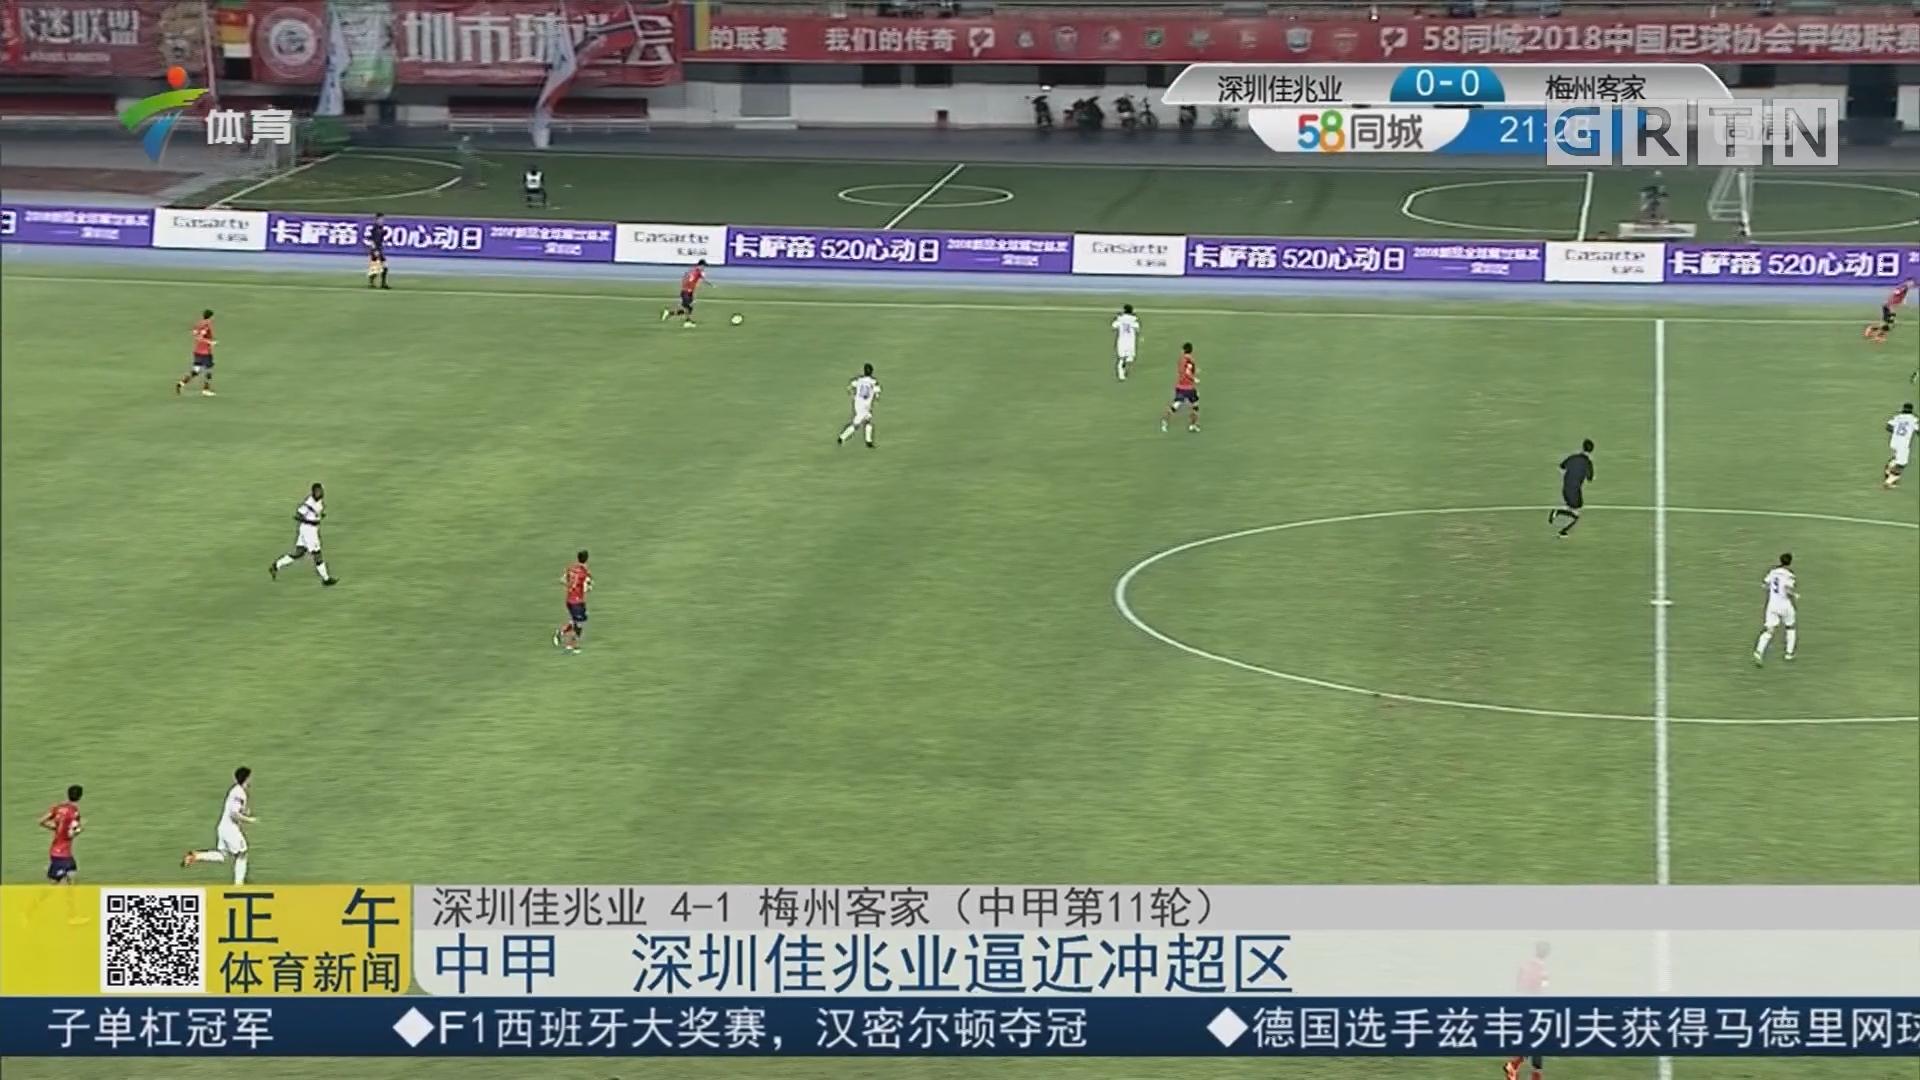 中甲 深圳佳兆业逼近冲超区